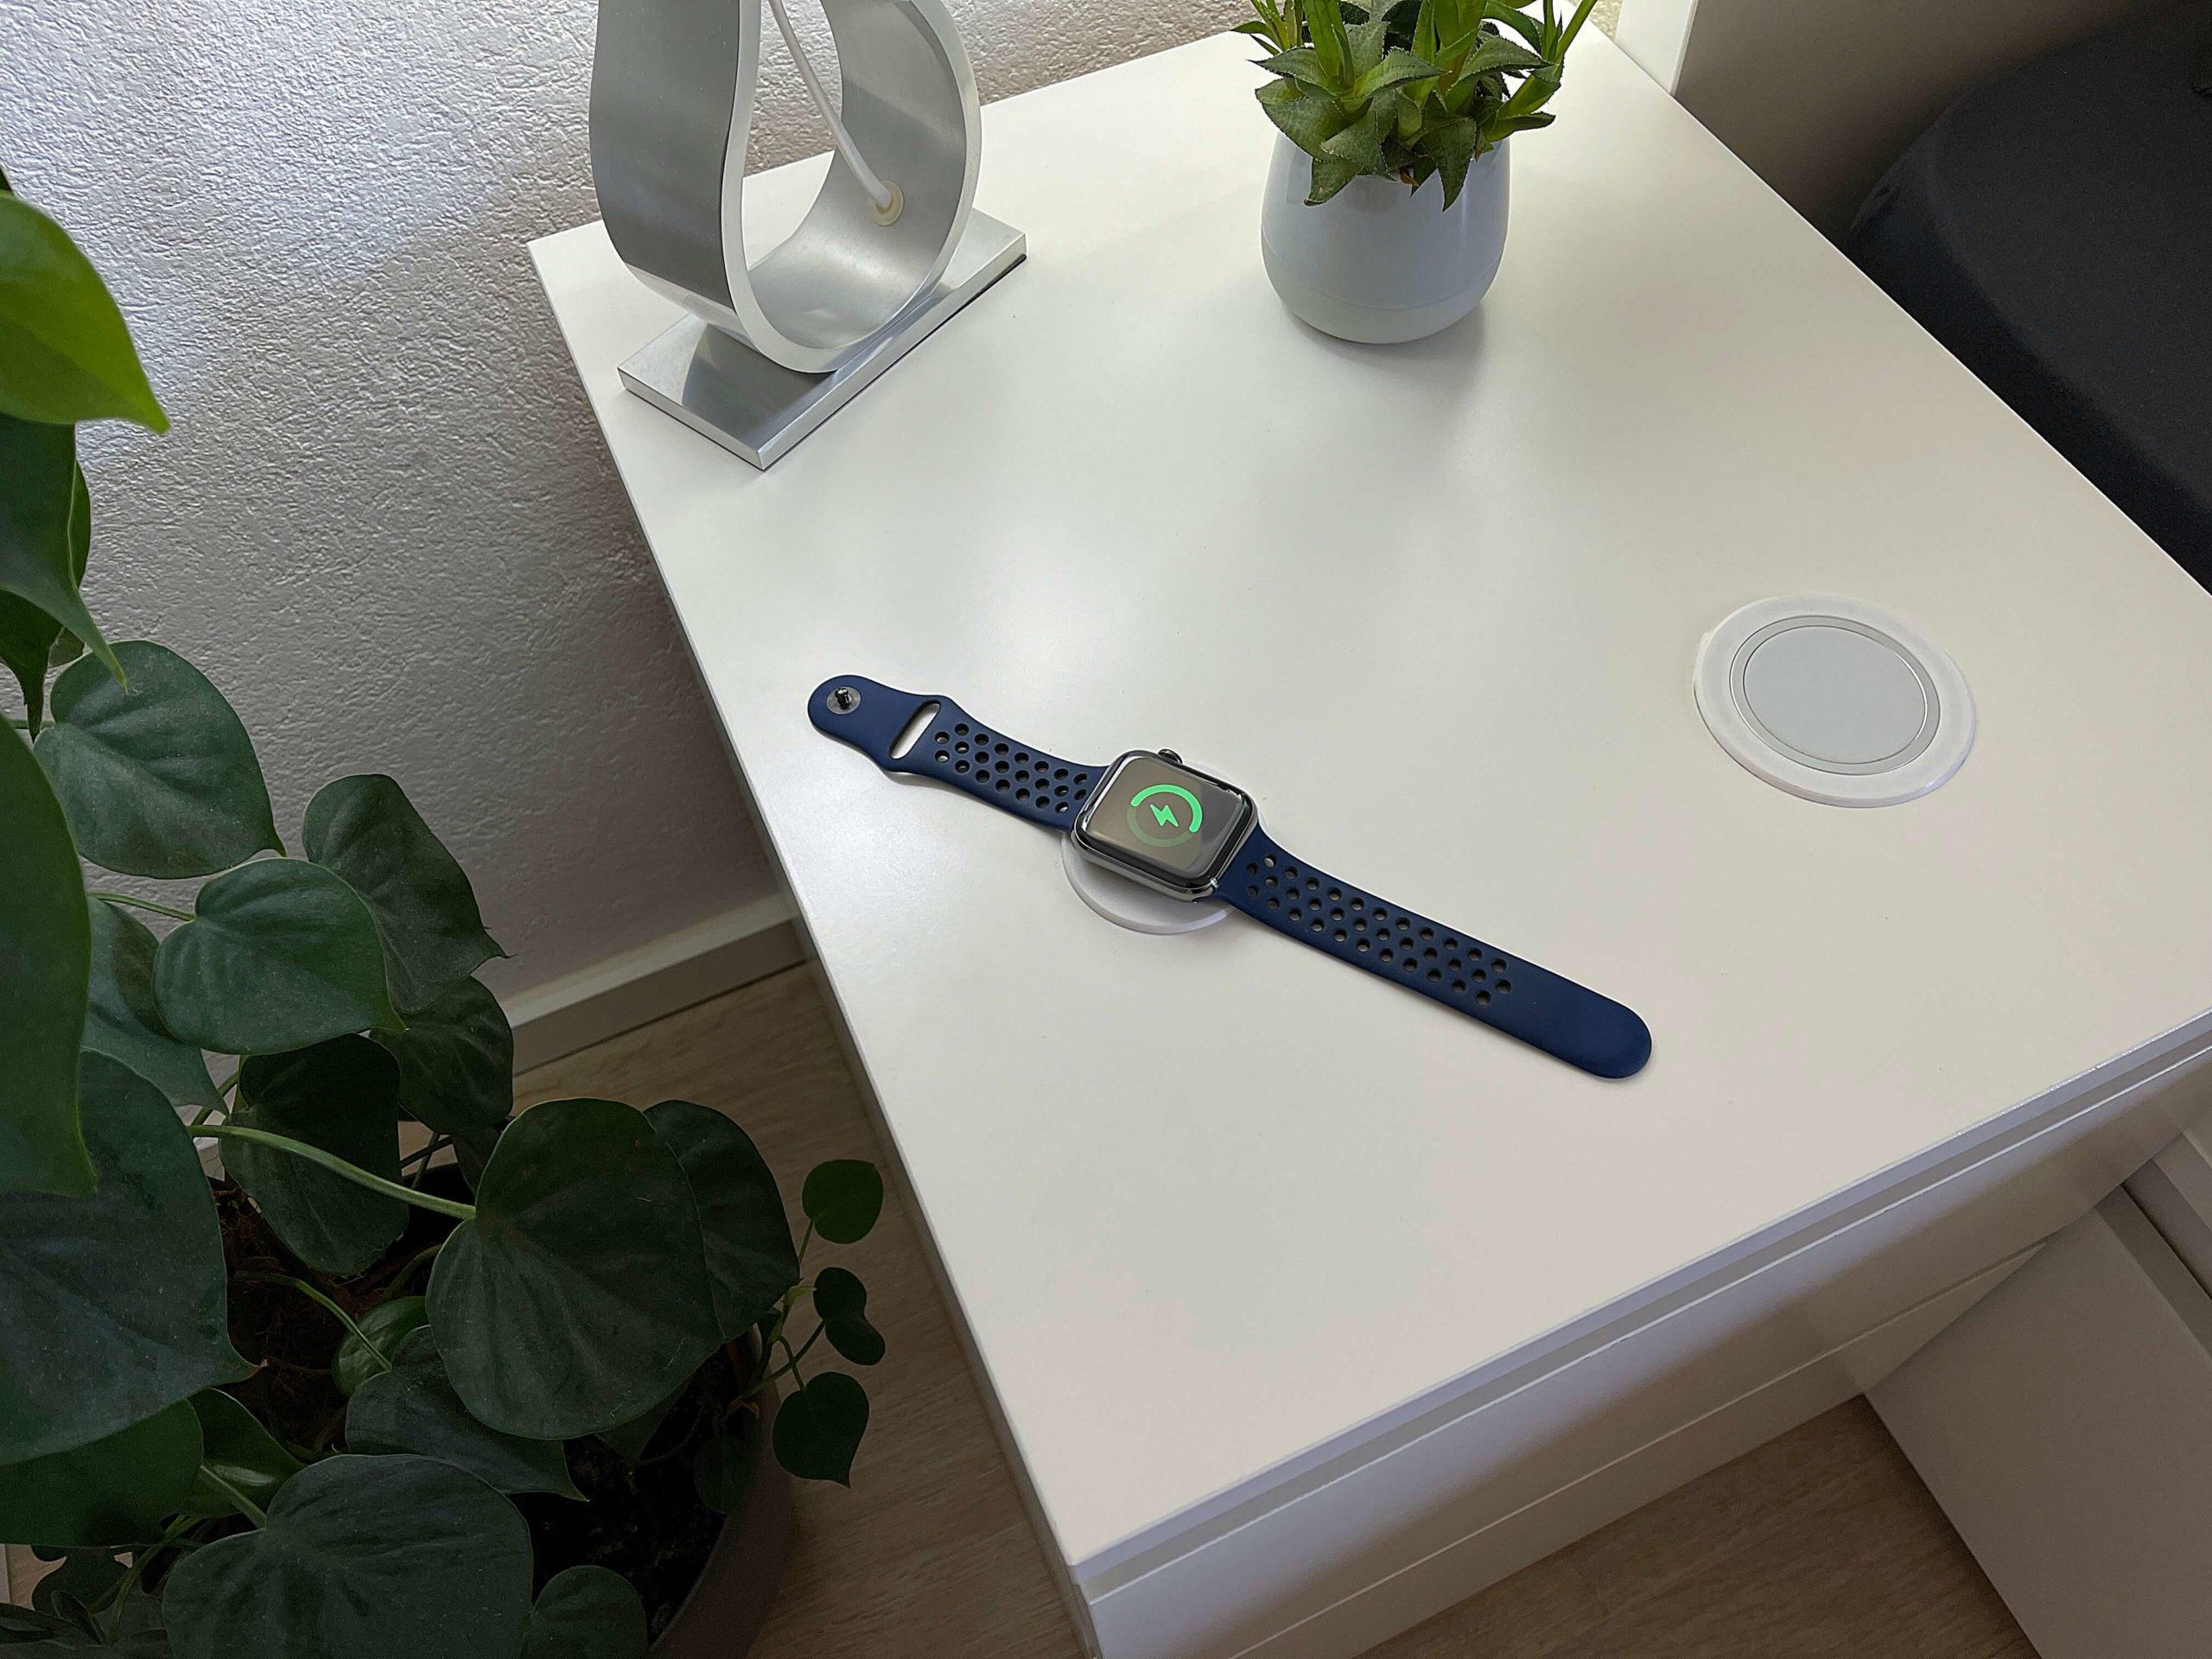 Anleitung-Apple-Watch-kabellos-ueber-Moebeloberflaeche-aufladen4-scaled Anleitung: Apple Watch kabellos und flach über Möbeloberfläche aufladen